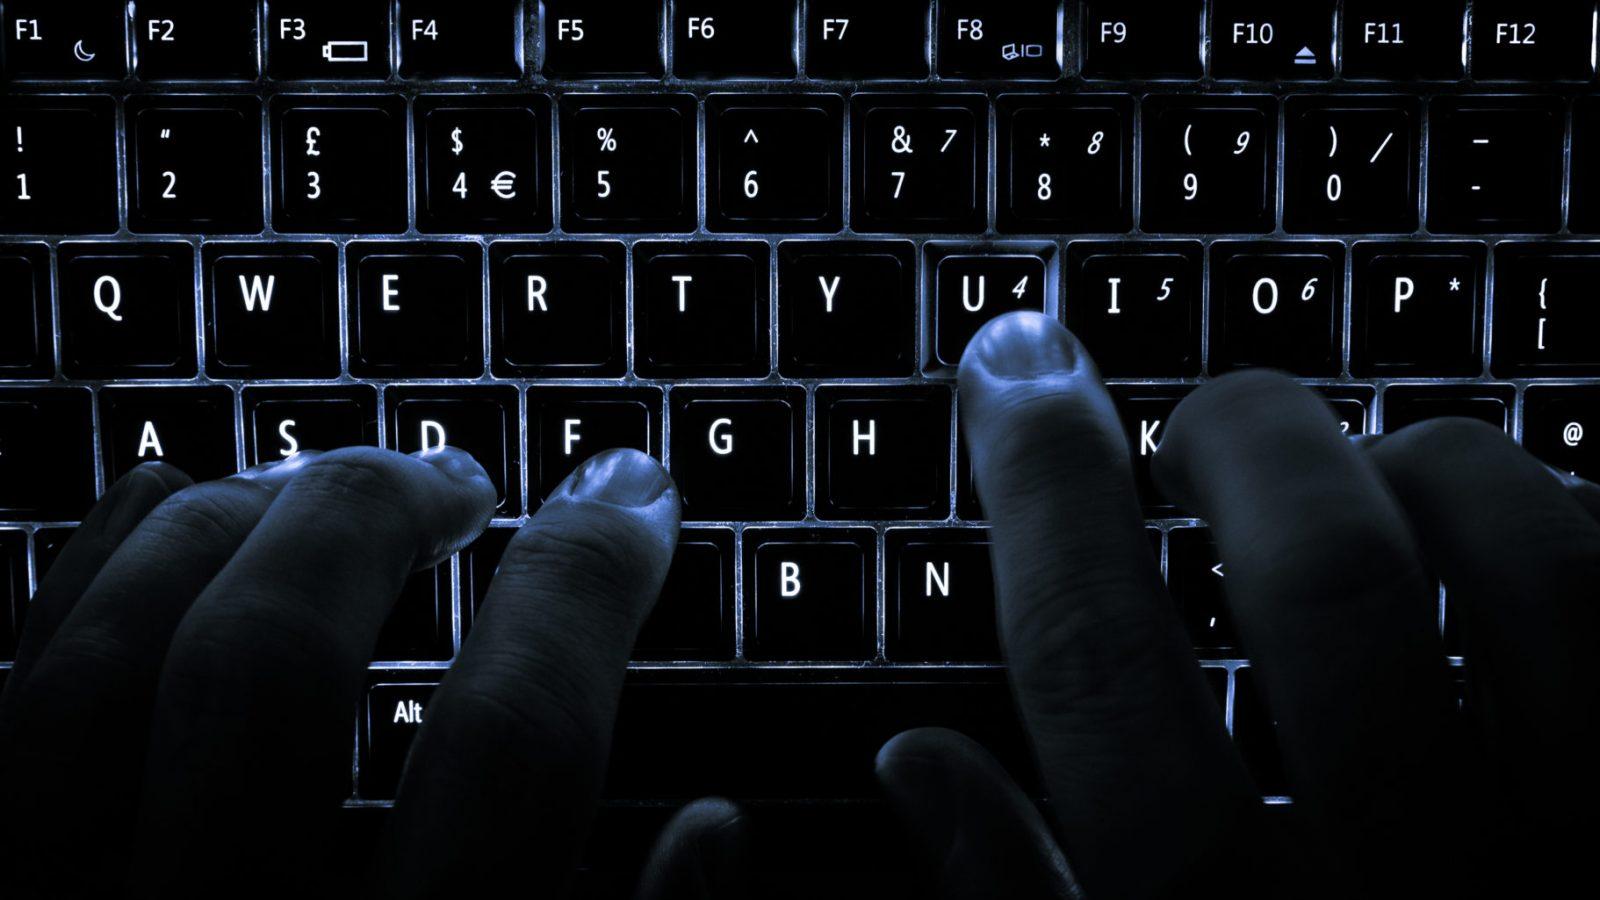 UTENTI DI TELEGRAM HACKERATI - UTENTI DI TELEGRAM HACKERATI: I COMPUTER USATI PER ESTRARRE Monero e Zcash